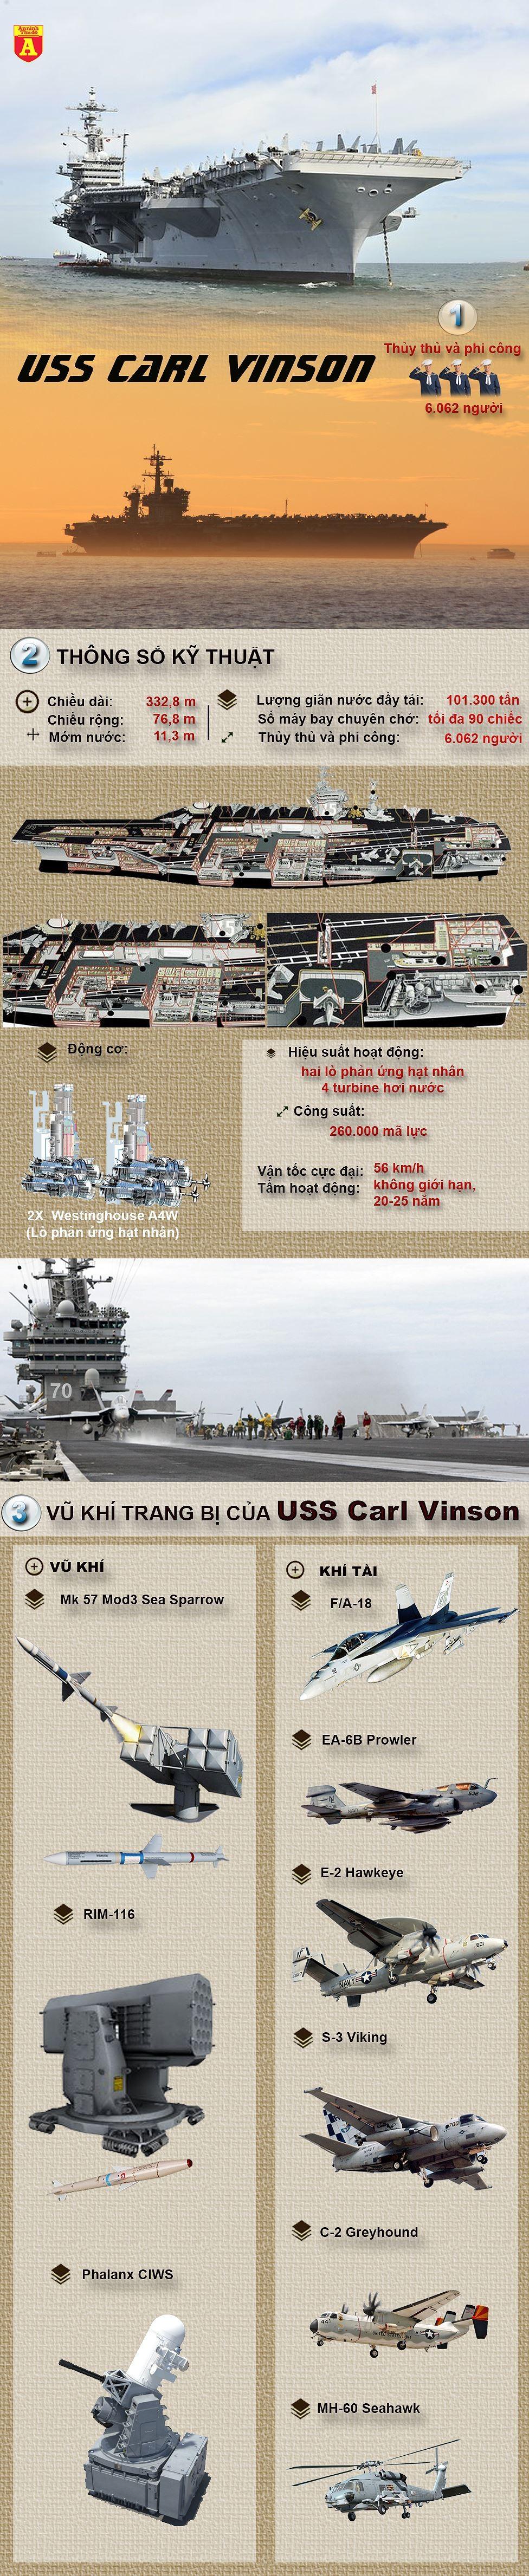 [Infographic] Siêu tàu sân bay Mỹ đang tiến tới Triều Tiên mạnh cỡ nào? ảnh 2